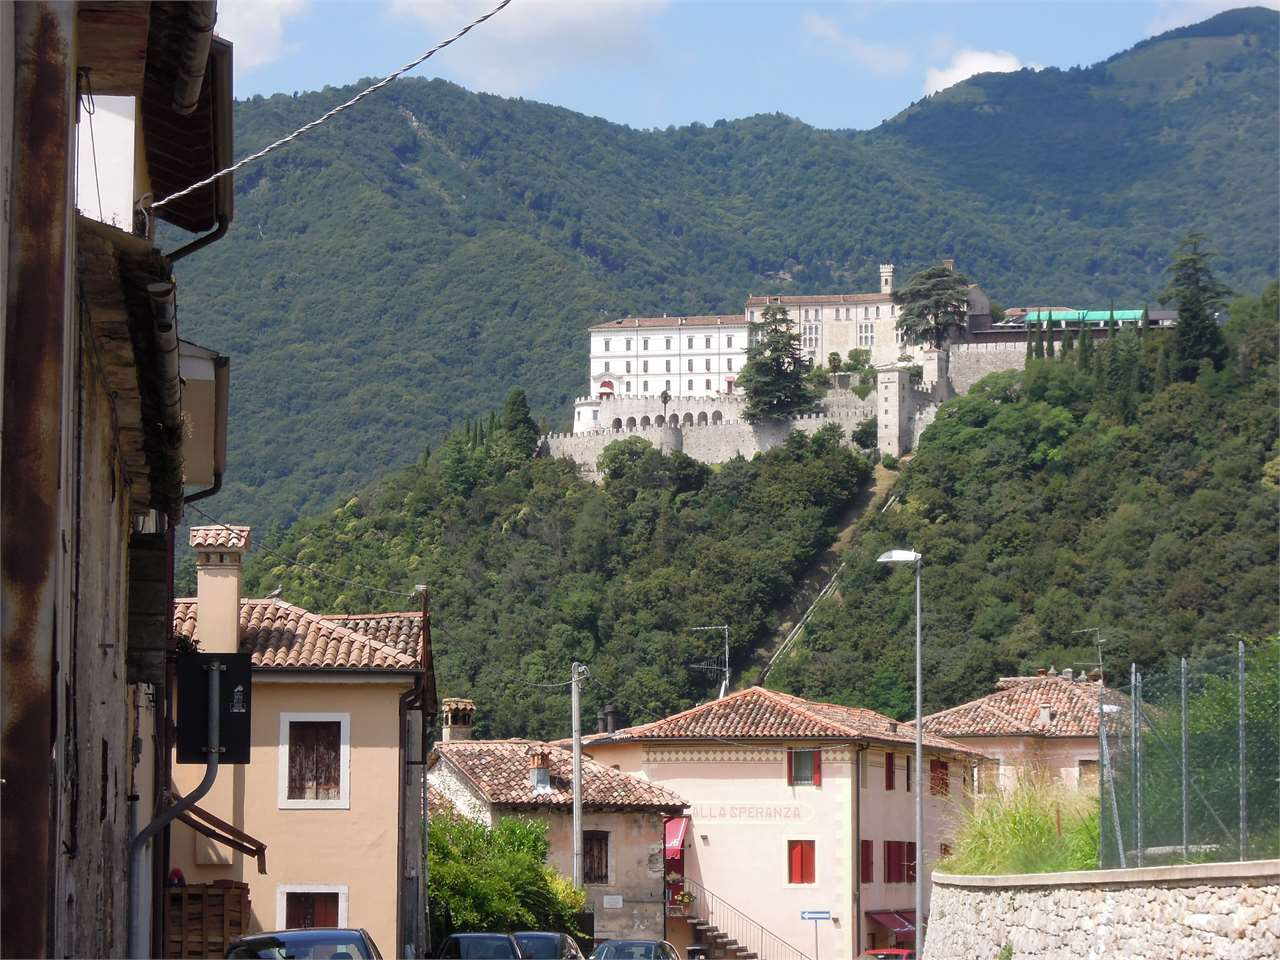 Rustico / Casale in vendita a Cison di Valmarino, 18 locali, prezzo € 270.000 | Cambio Casa.it